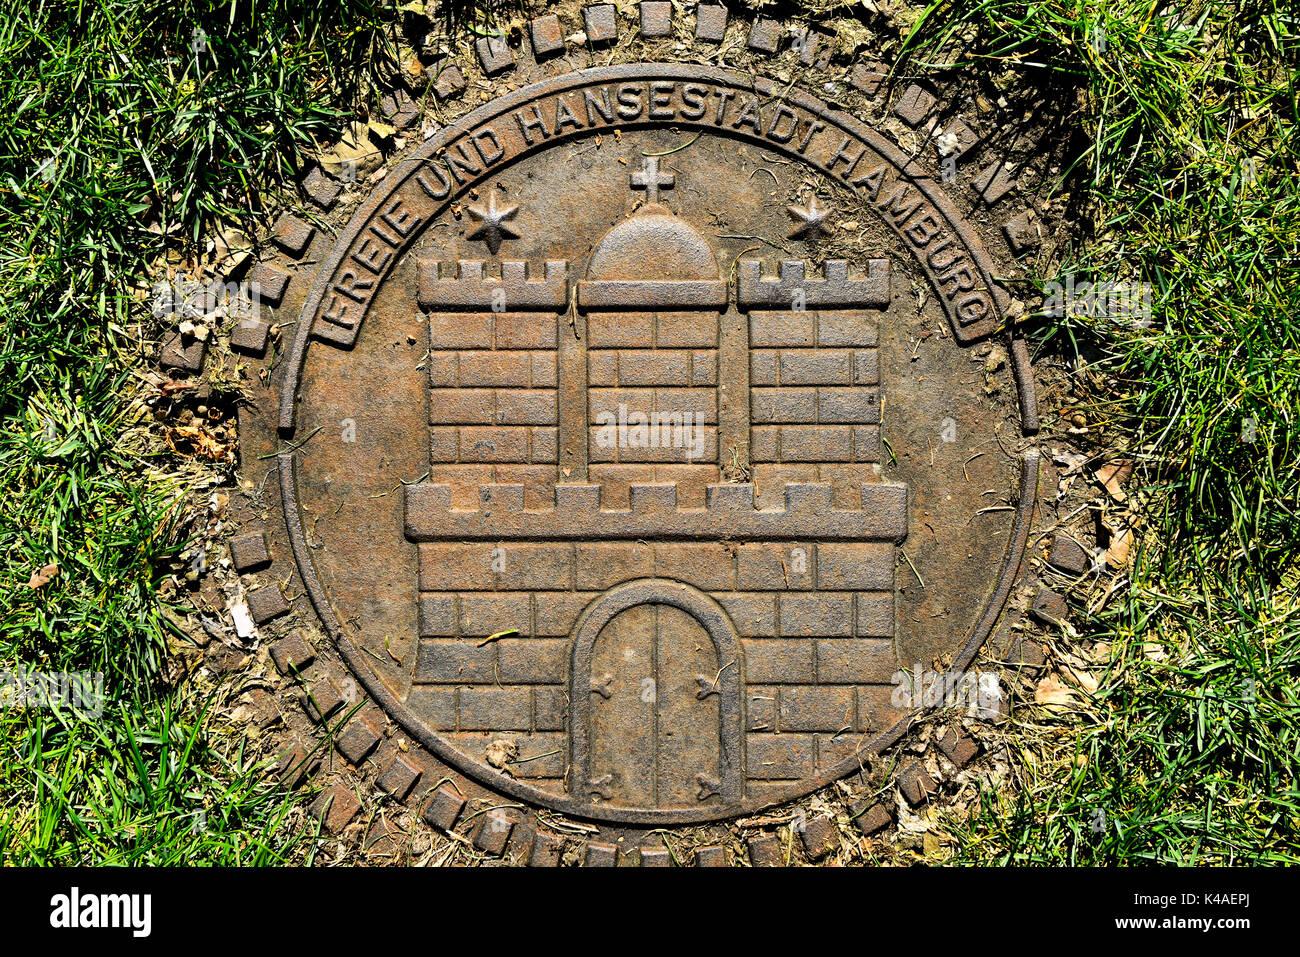 Hamburg Coat Of Arms On Manhole Cover - Stock Image